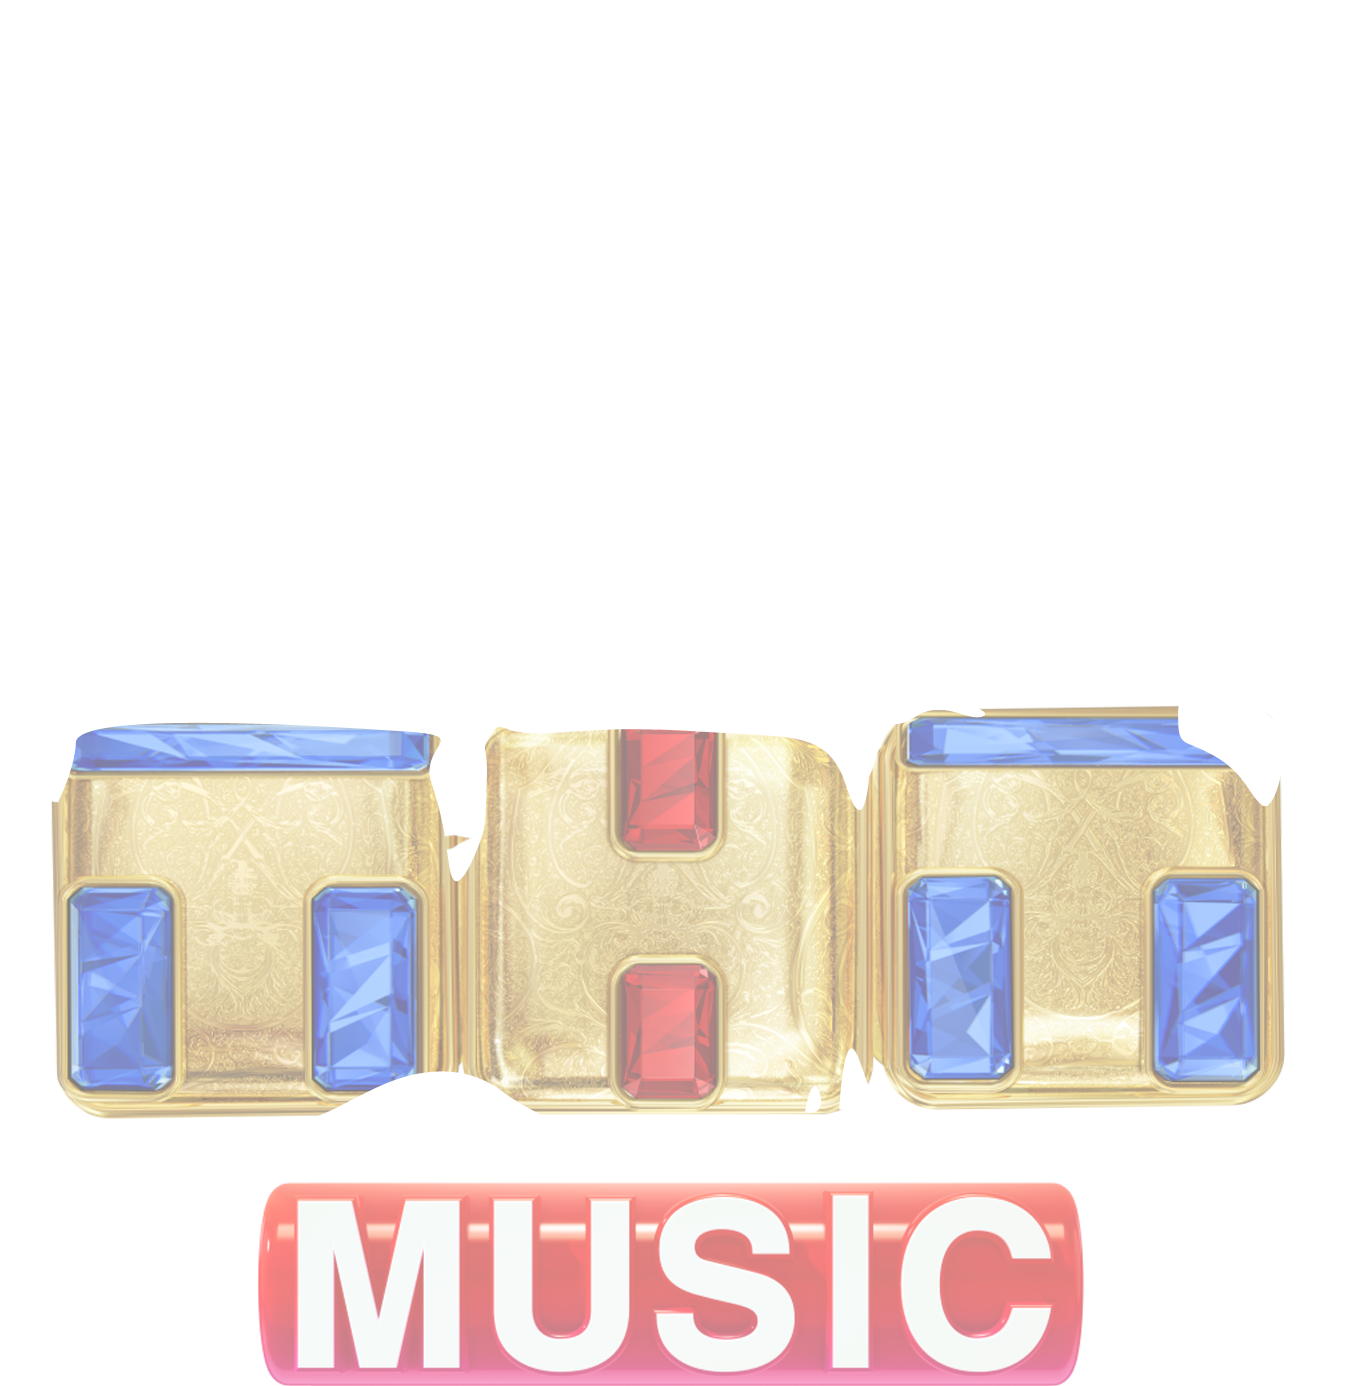 ТНТ Music (2016-2017, новогодний, рекламный)